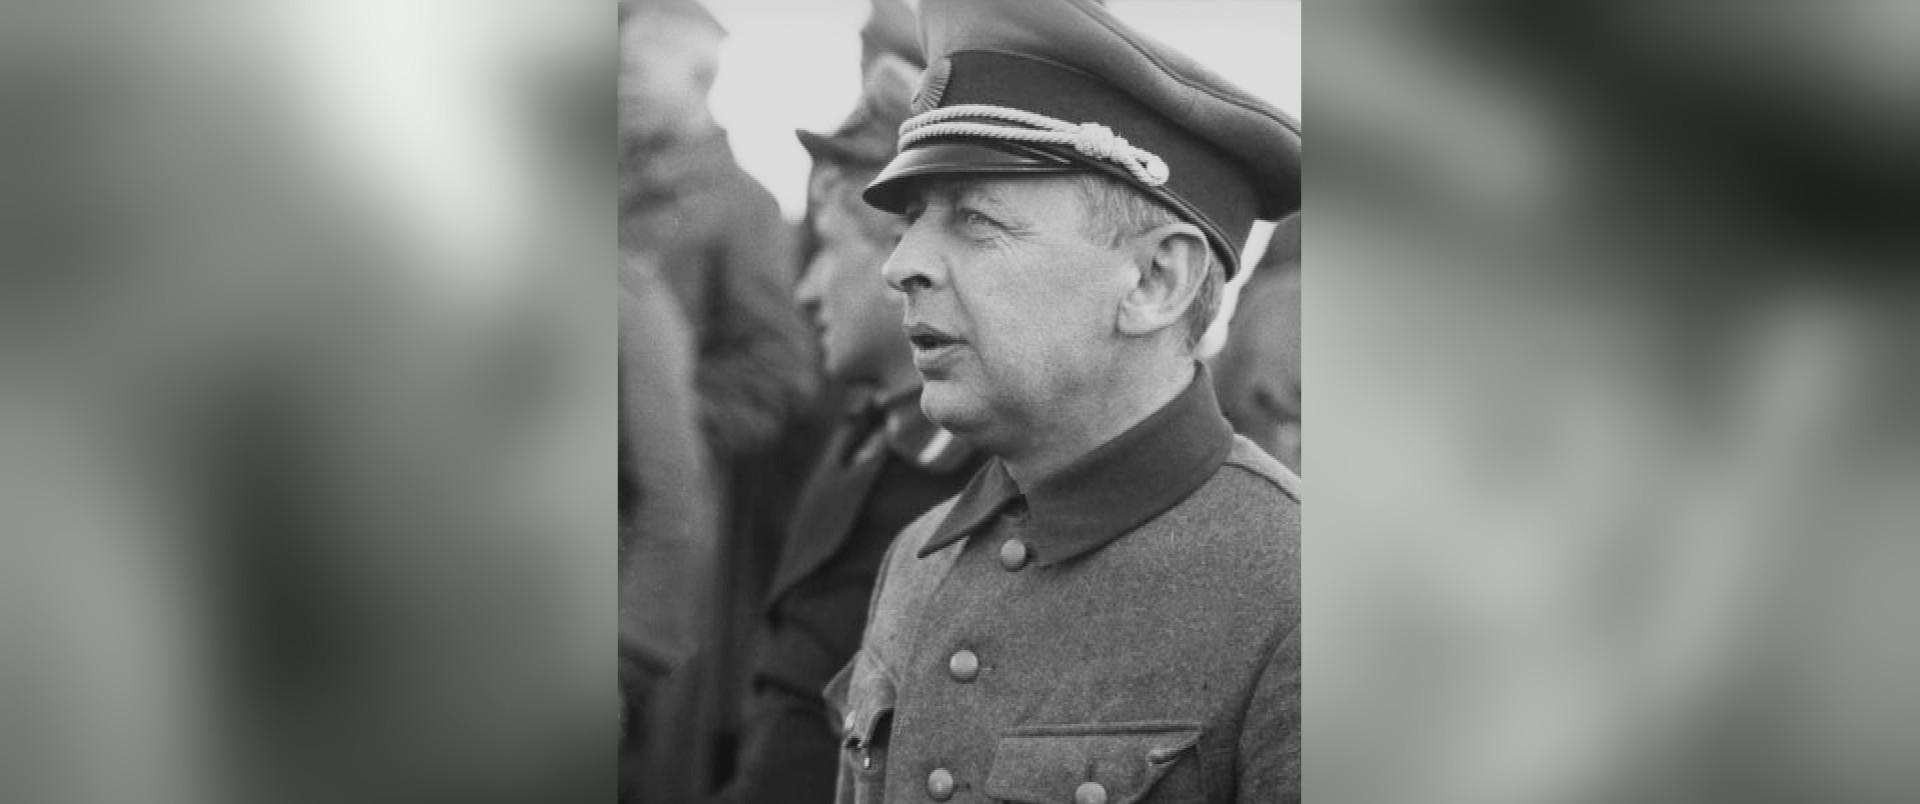 Rosjanie w mundurach ze swastyką. Historia pewnej kolaboracji